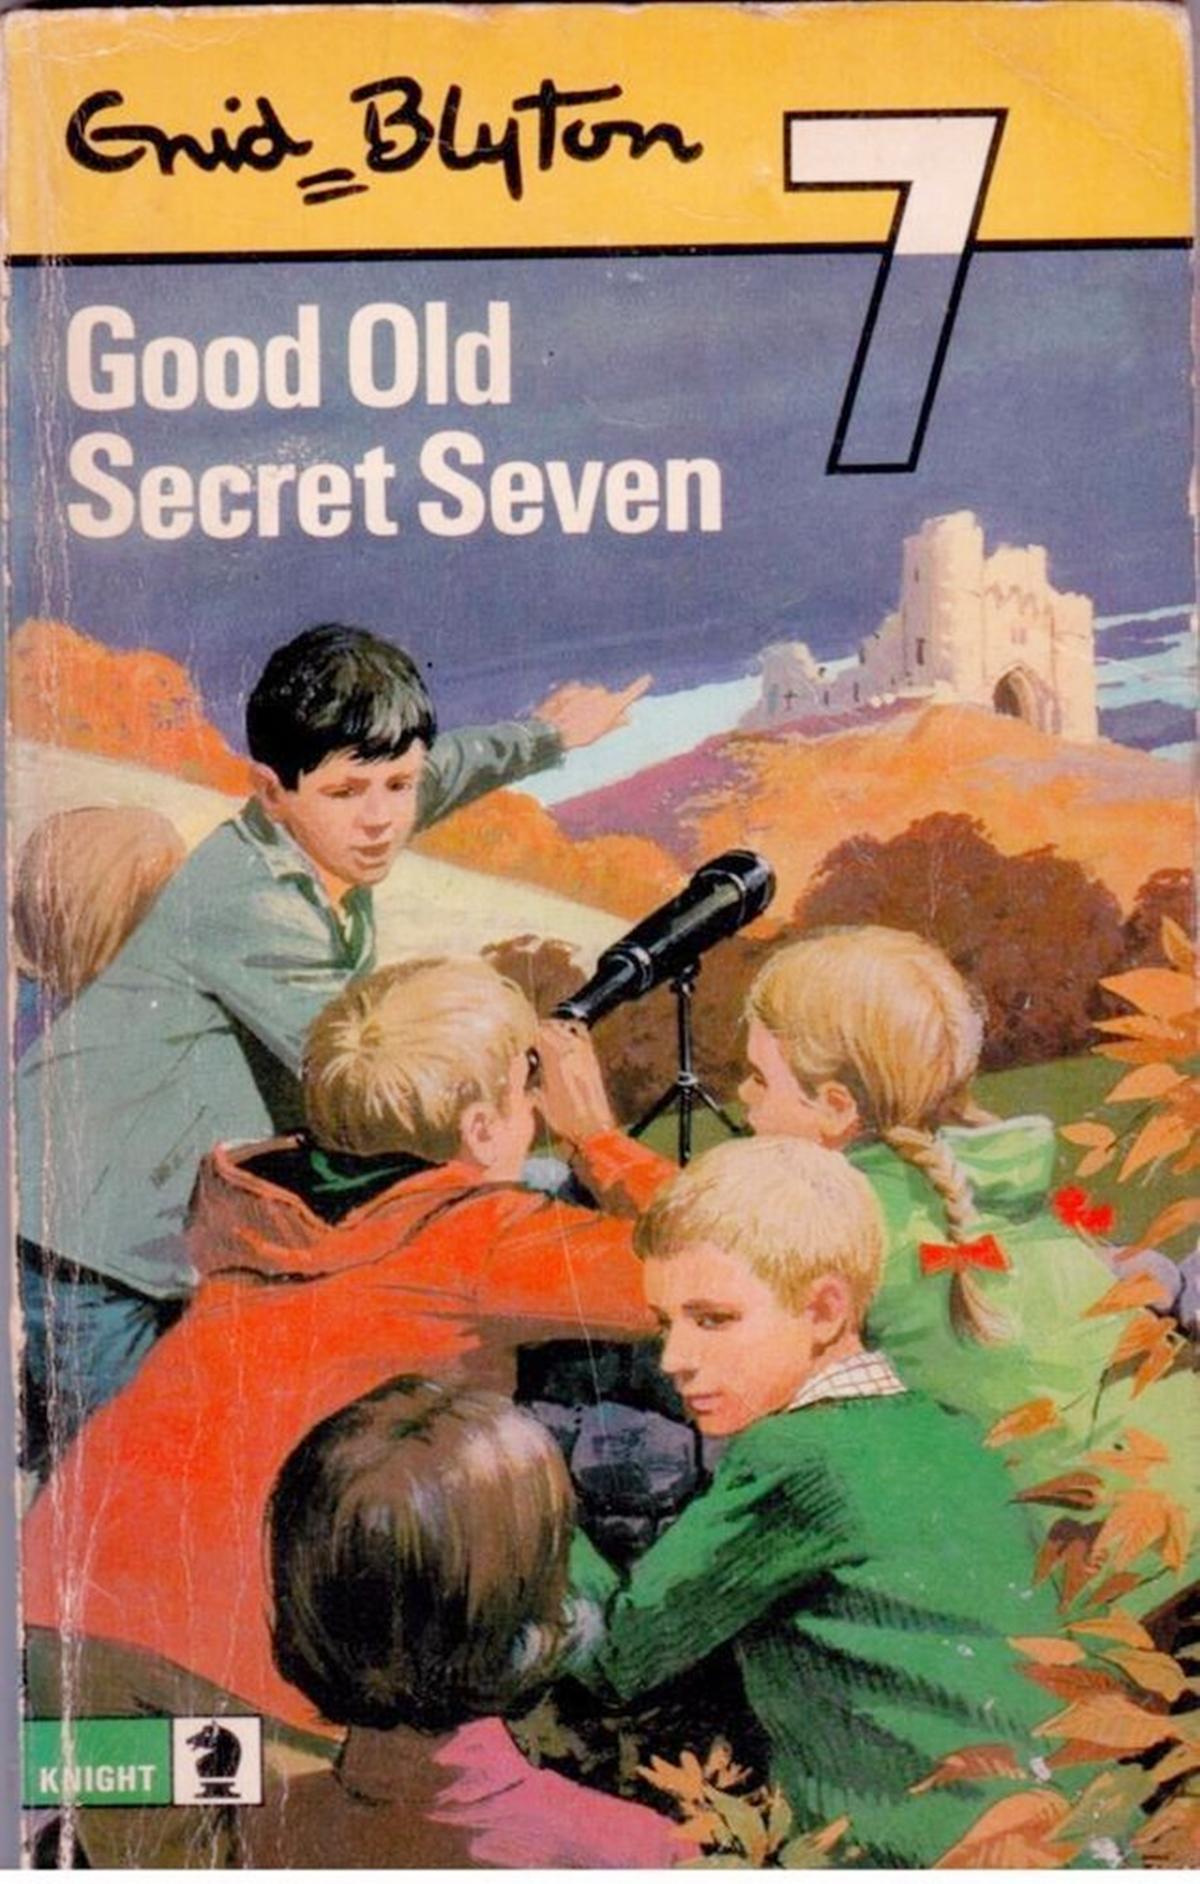 2 13 12 Enid Blyton Books We Loved Reading As Children